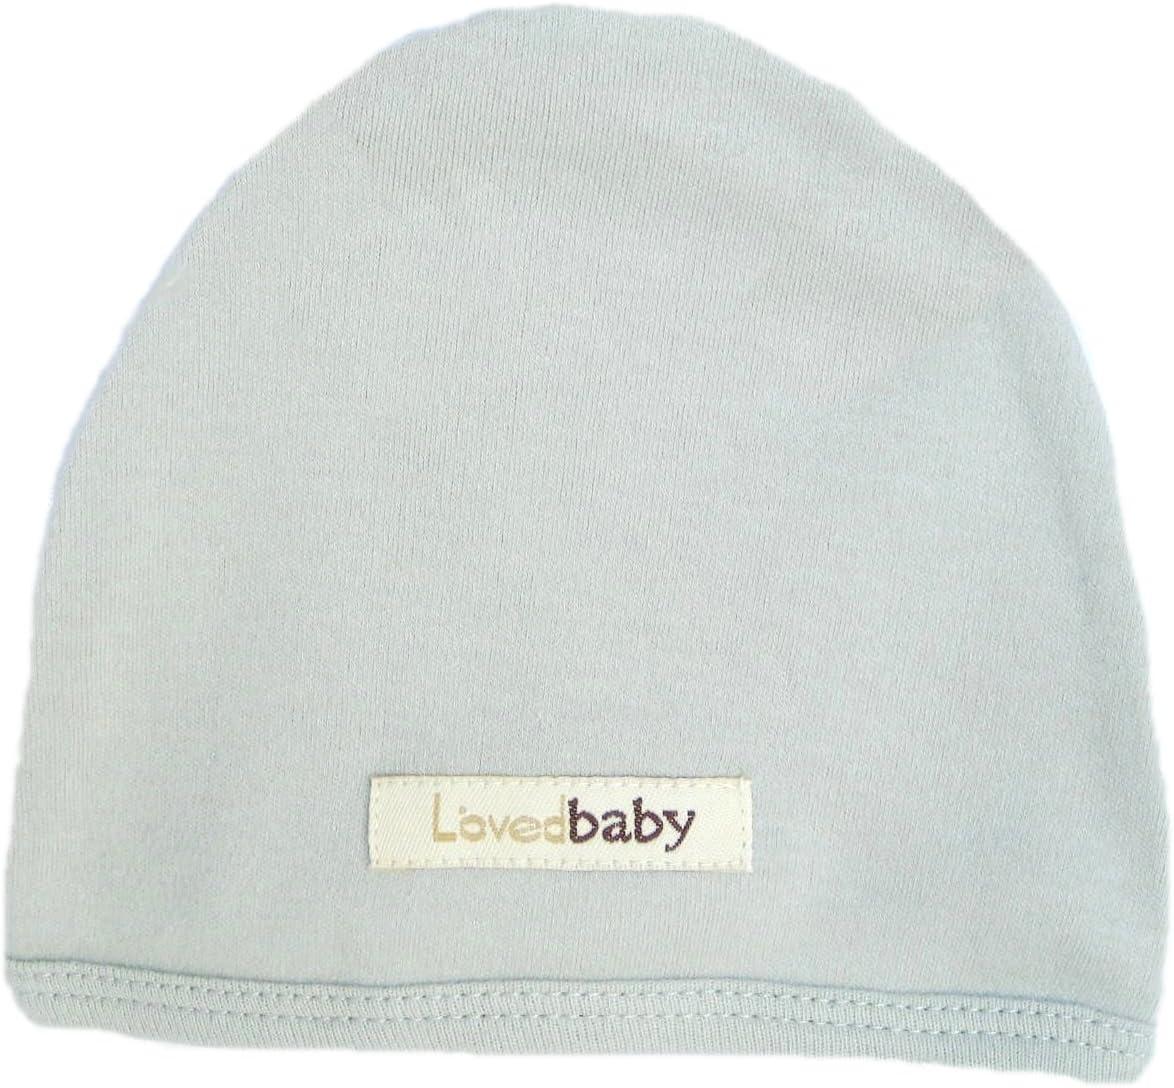 قبعة لطيفة للفتيات الصغيرات من L'ovedbaby